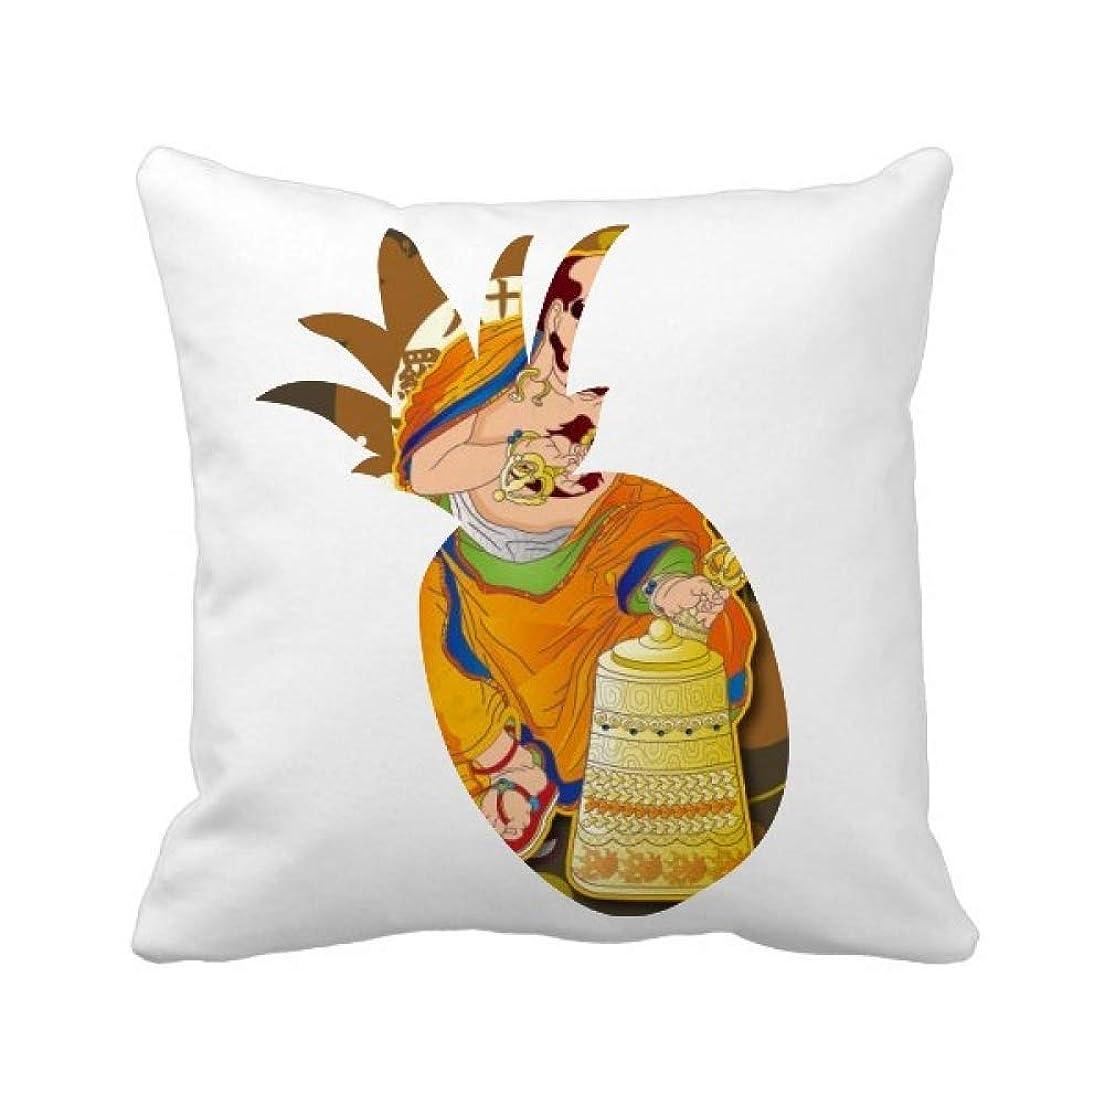 ジャズサスティーン約仏教の十八羅漢図のパターン パイナップル枕カバー正方形を投げる 50cm x 50cm